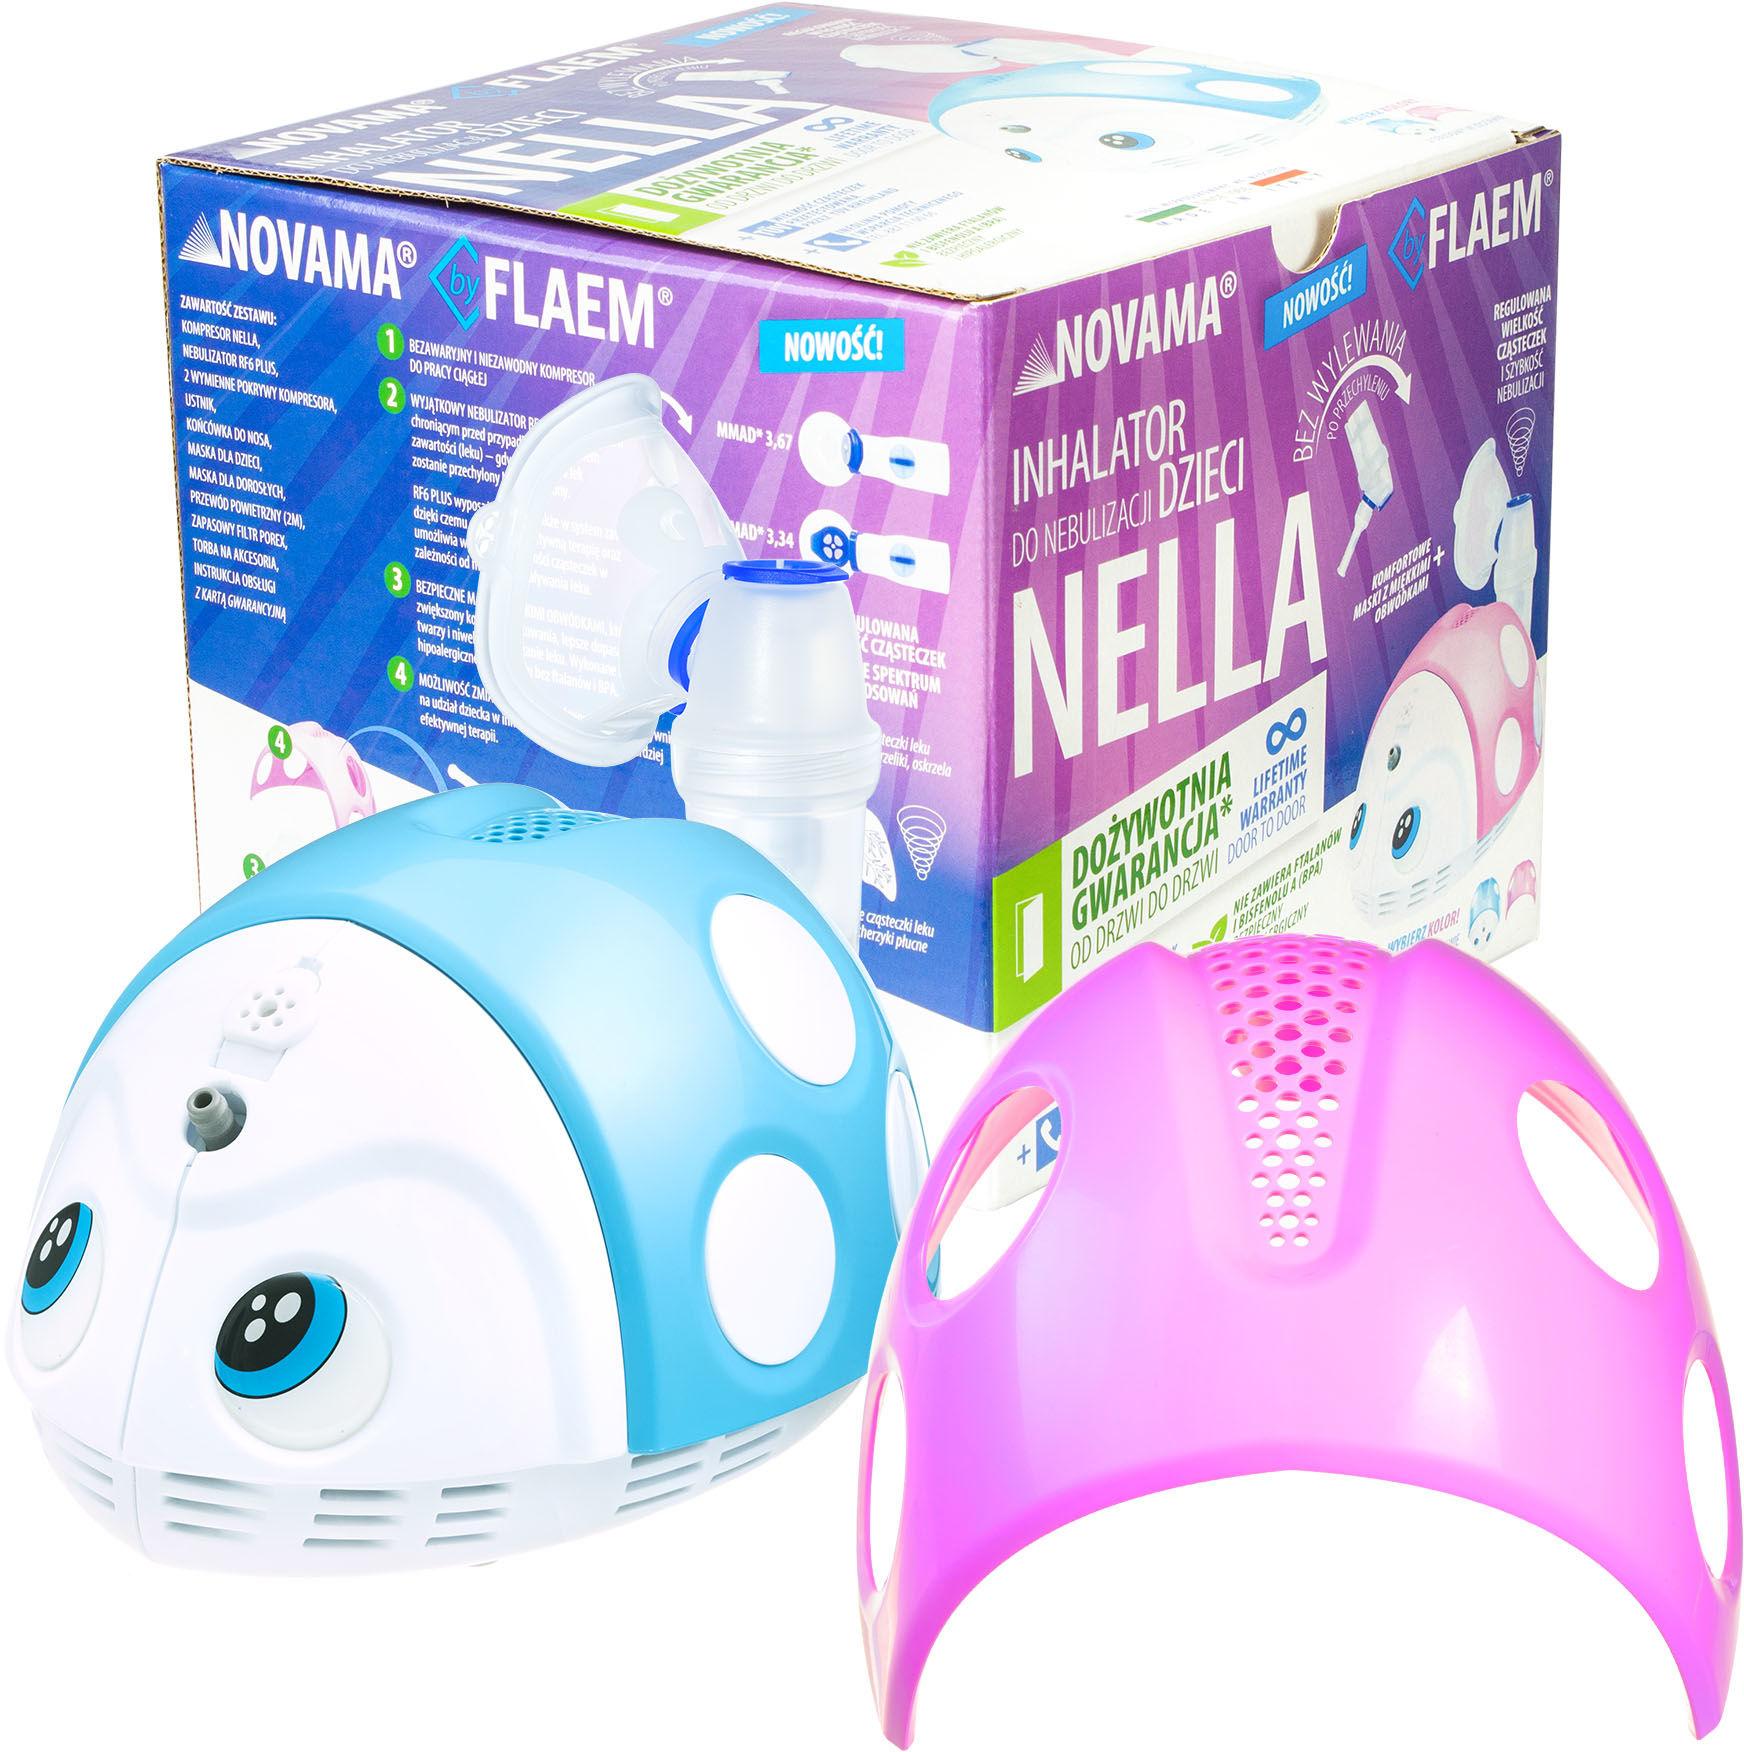 NOVAMA Nella by Flaem Inhalator do nebulizacji dzieci z dożywotnią gwarancją